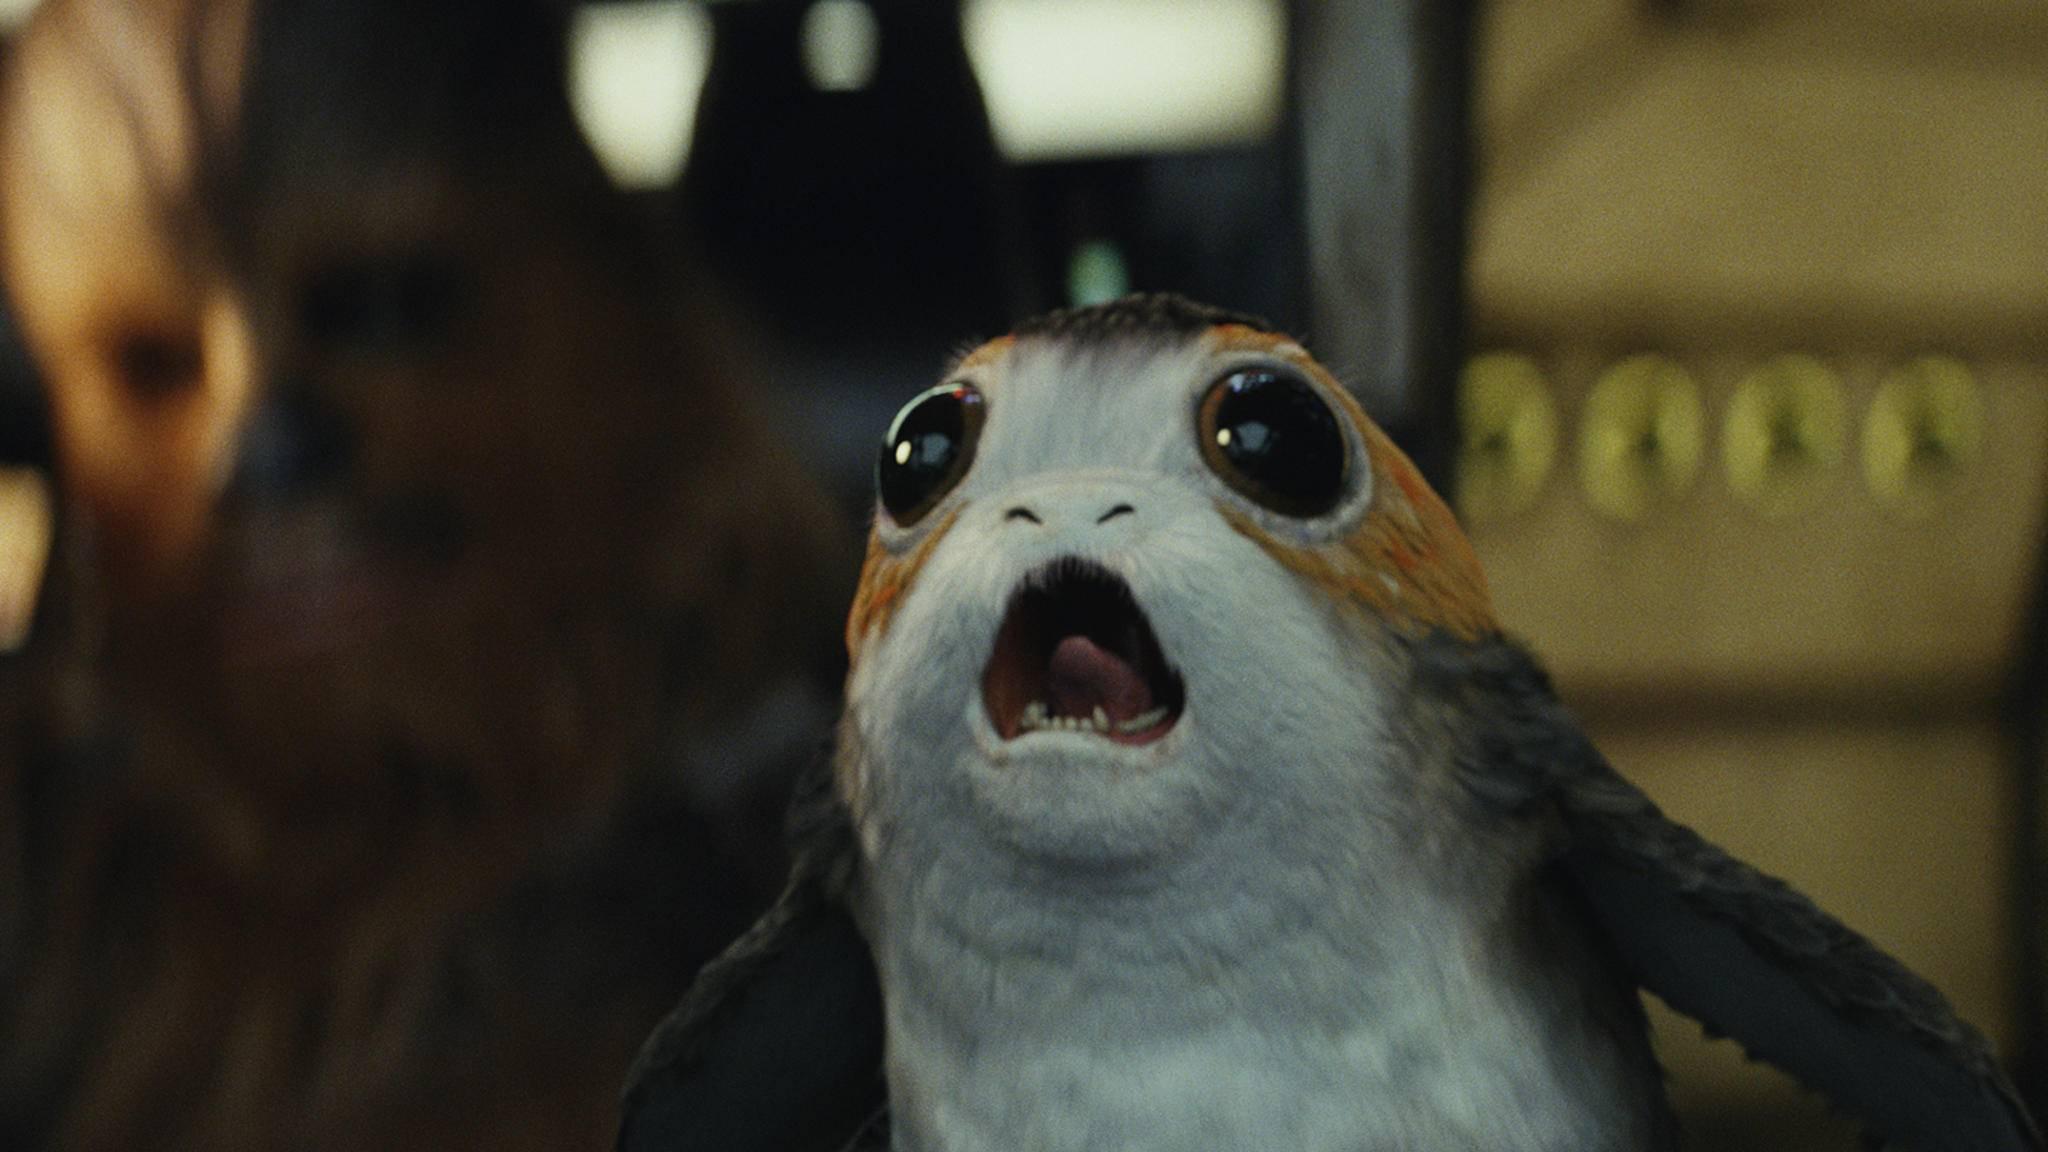 """Da staunt auch der Porg nicht schlecht. Noch 2017 knackt """"Star Wars: Die letzten Jedi"""" die 1-Milliarden-Hürde."""